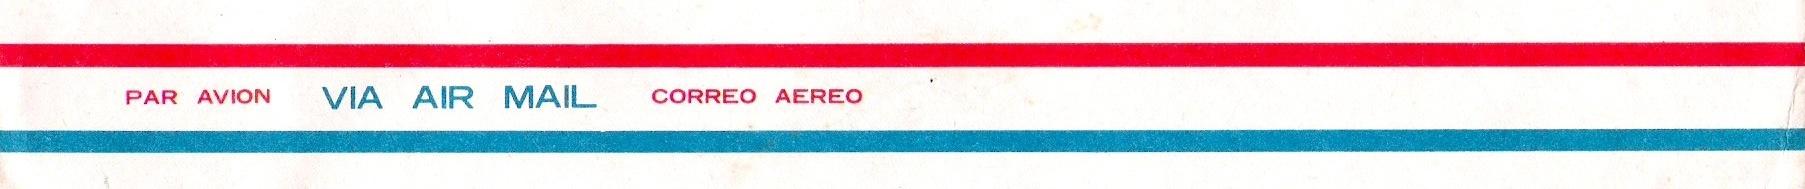 AMkoreaEV001